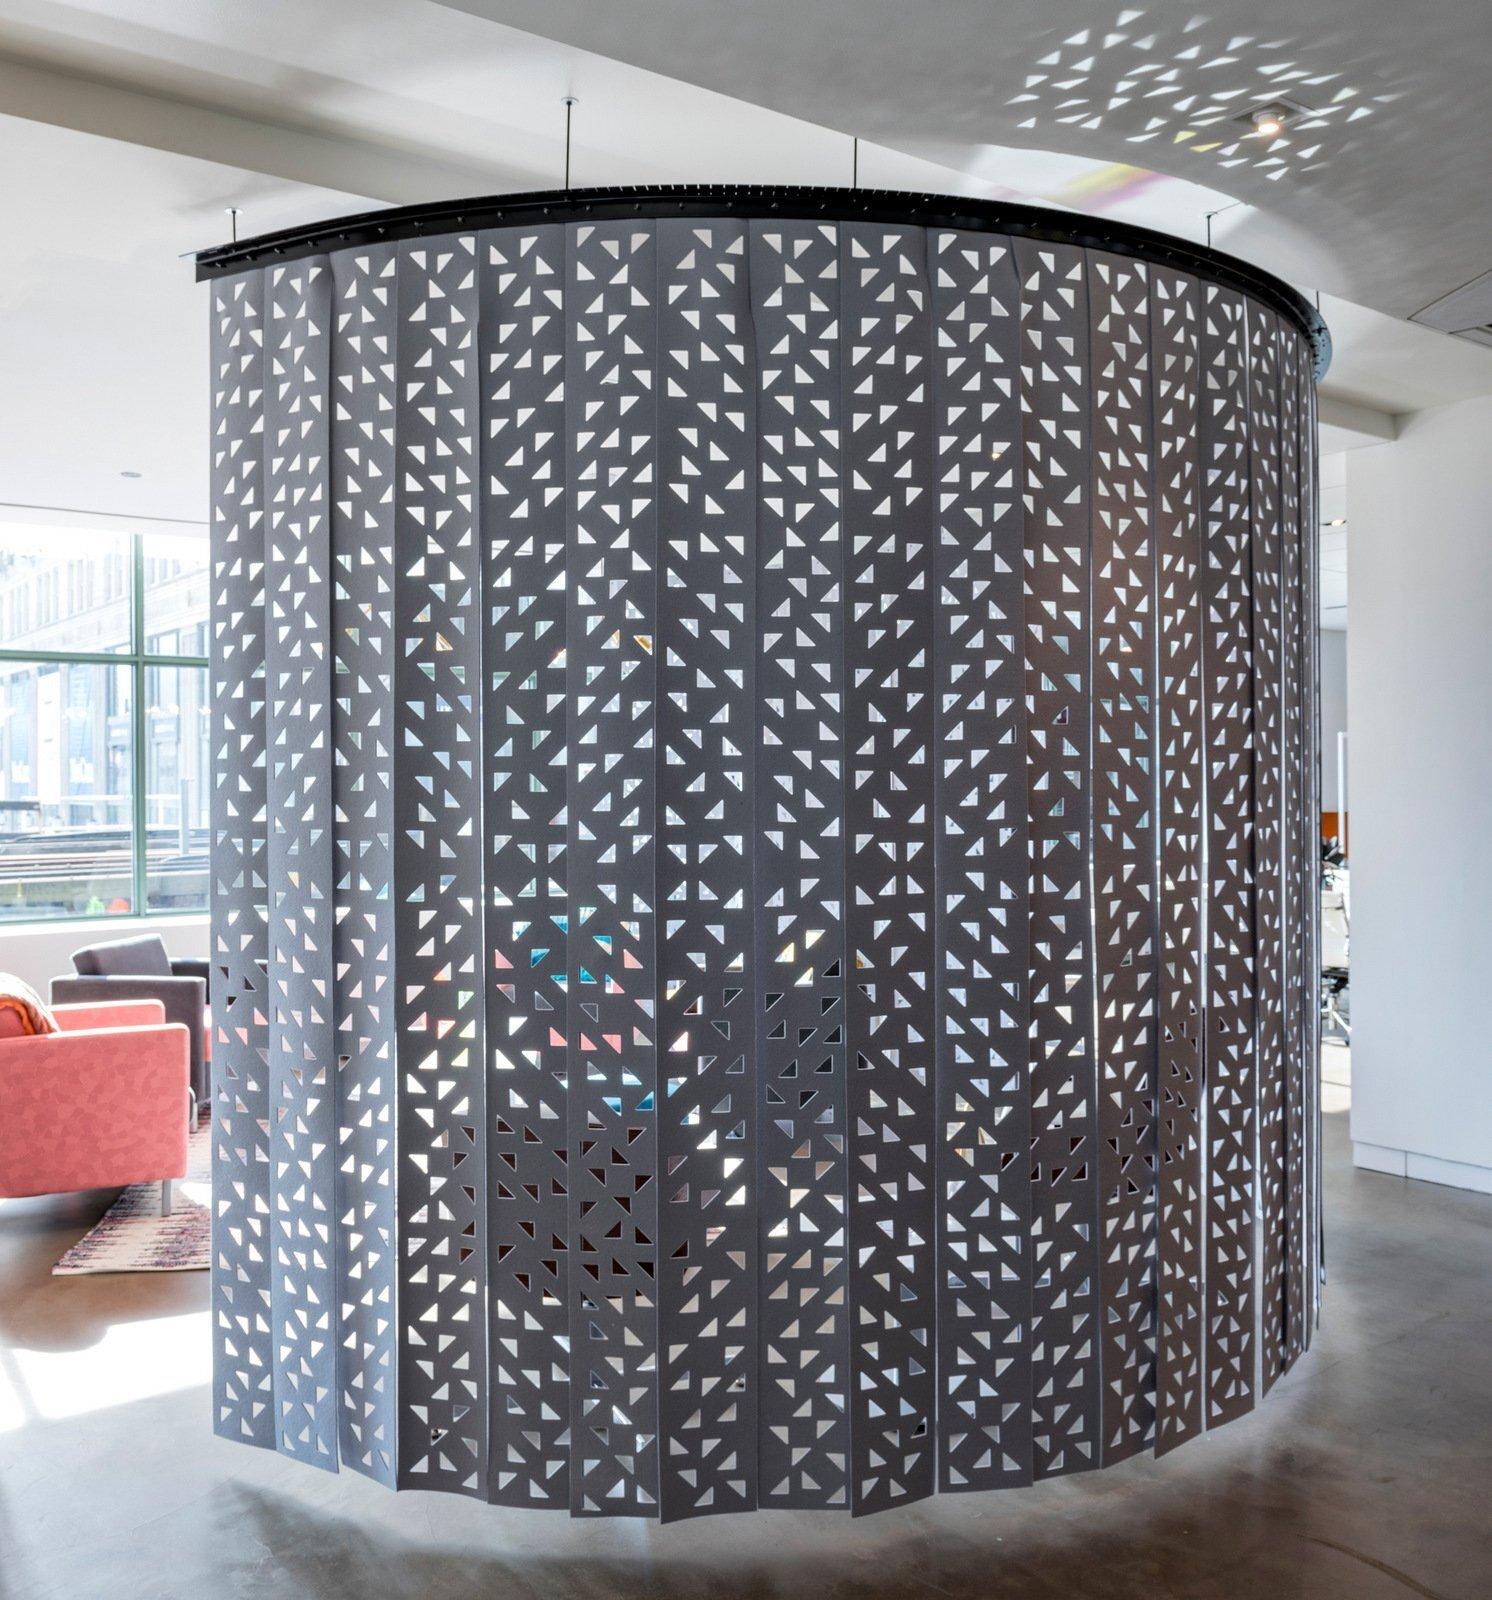 上海办公室装修中办公窗帘如何设计